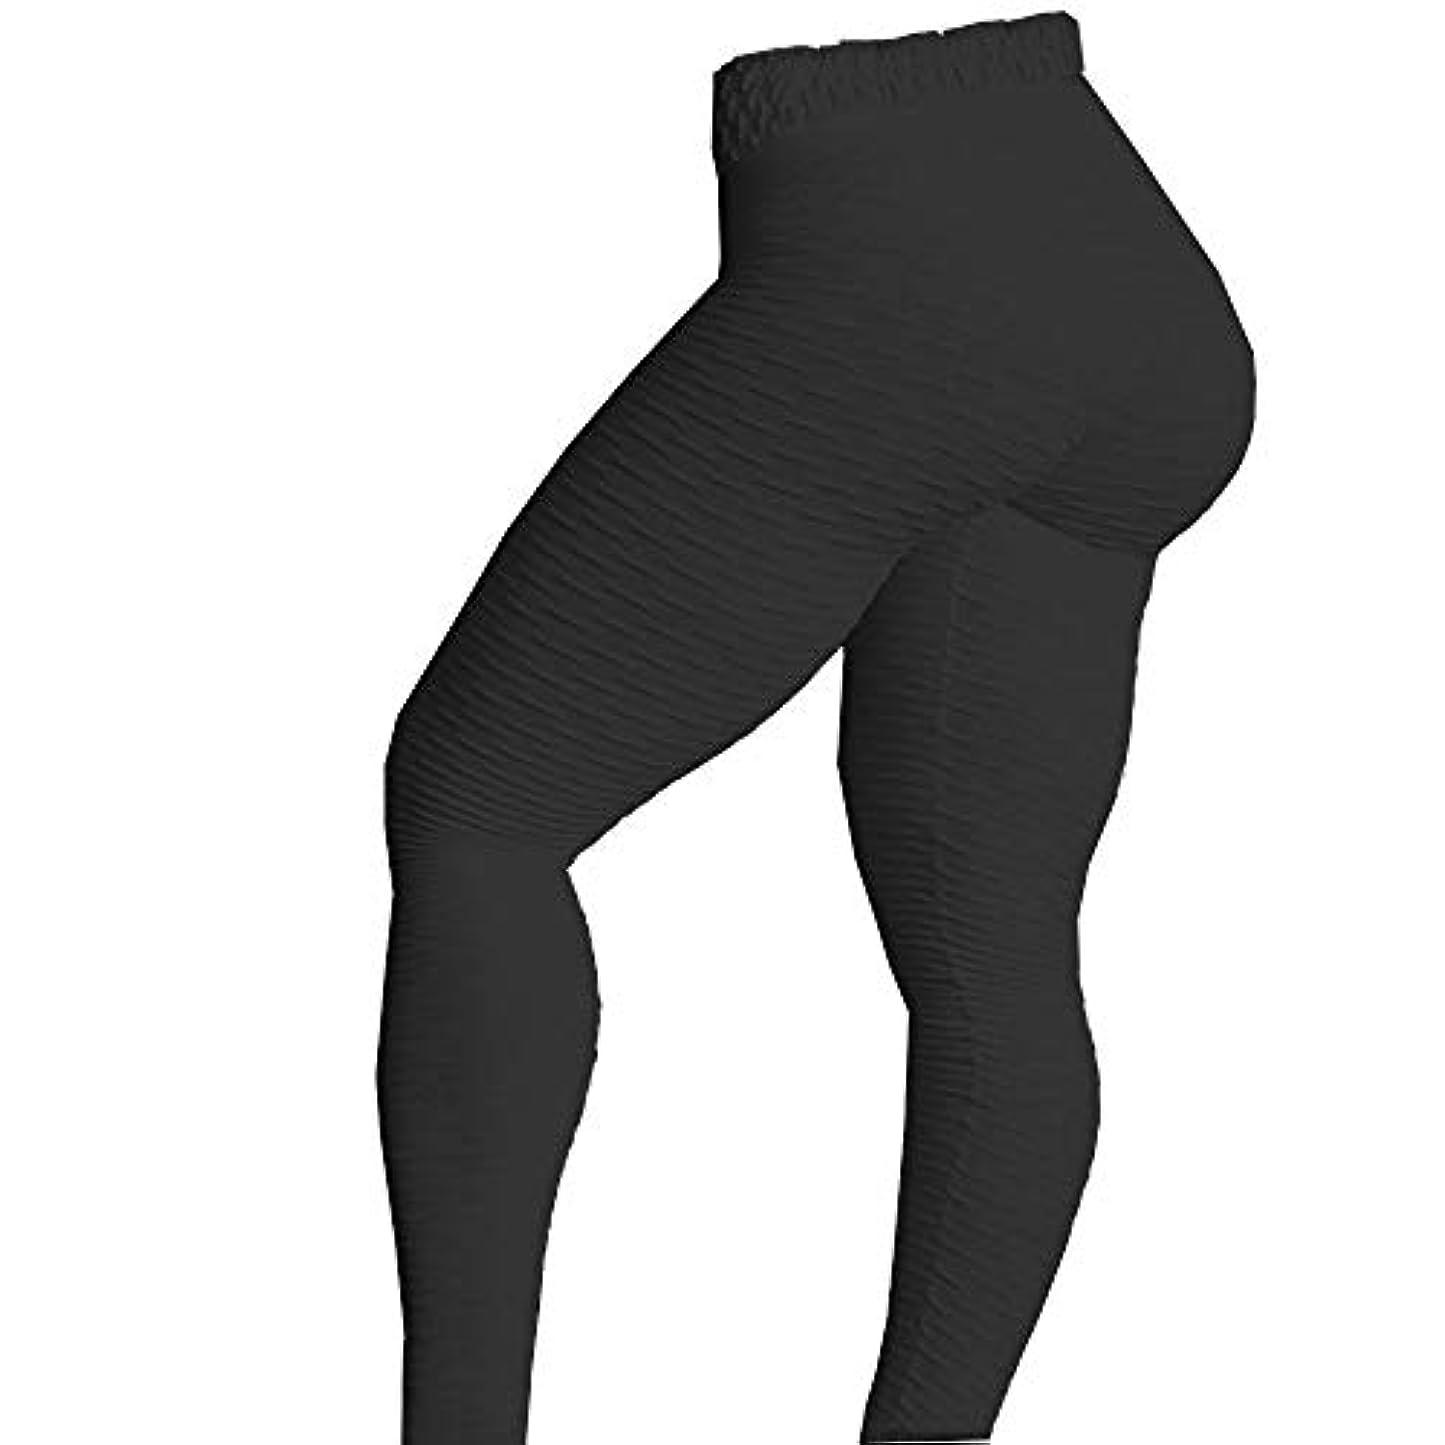 ただ公然と常習的MIFAN パンツ女性、ハイウエストパンツ、スキニーパンツ、ヨガレギンス、女性のズボン、ランニングパンツ、スポーツウェア